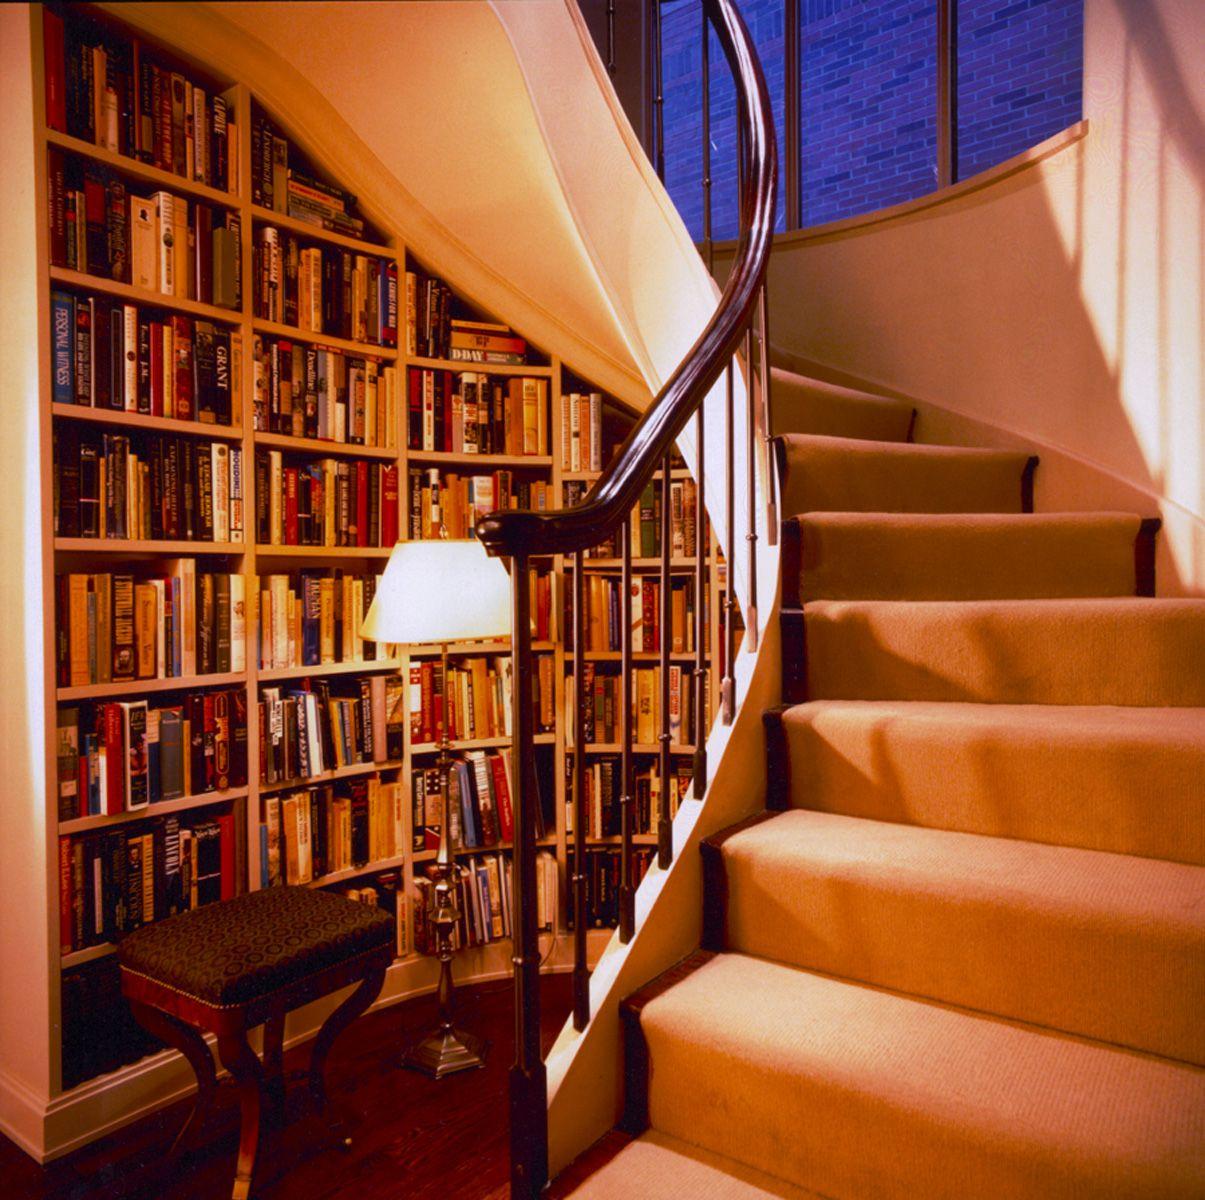 Kirjoja, kirjoja